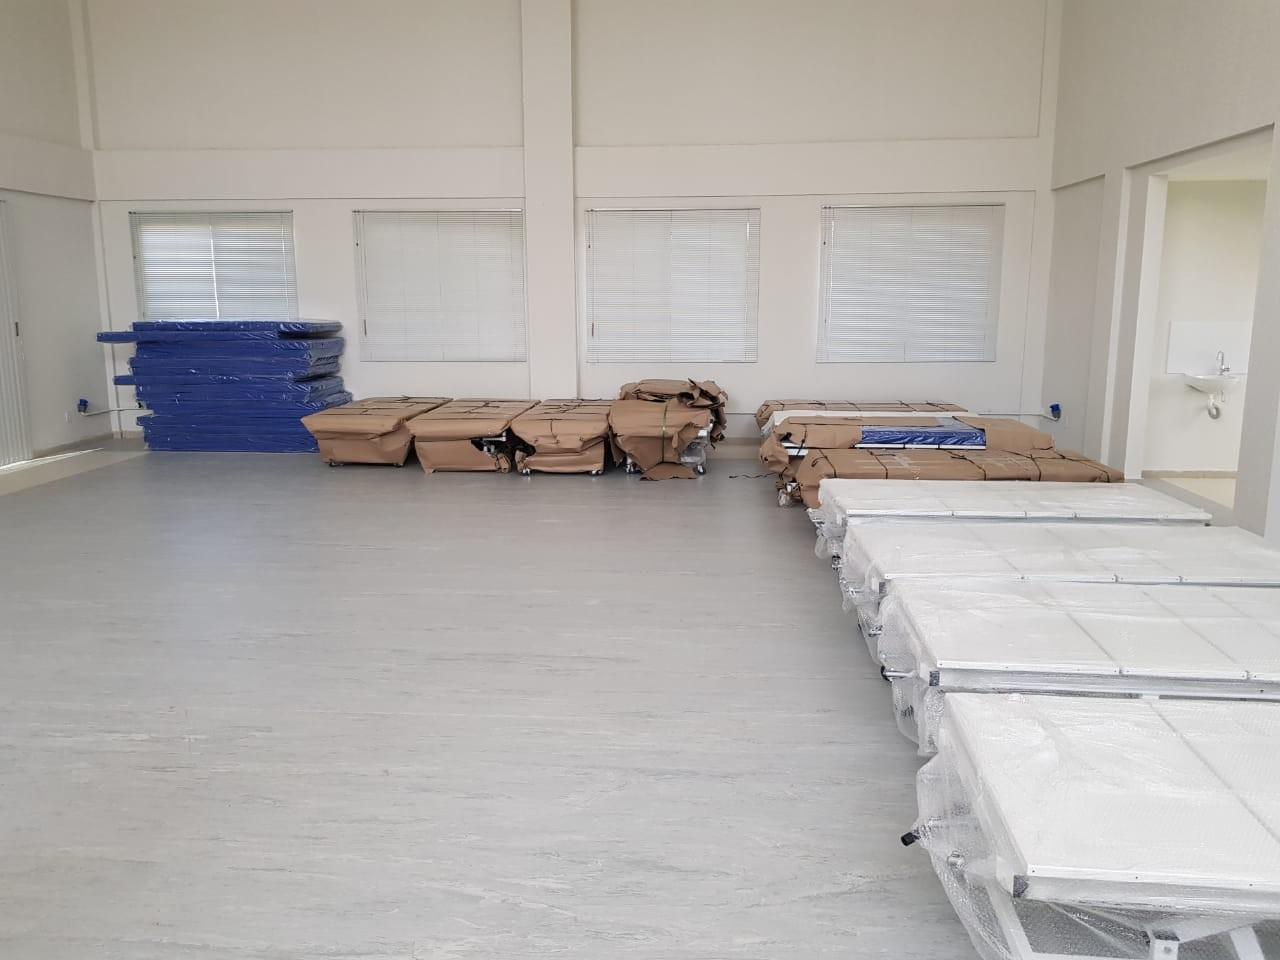 Coronavírus: hospital de campanha de Parnamirim, RN, terá 41 leitos, diz prefeitura